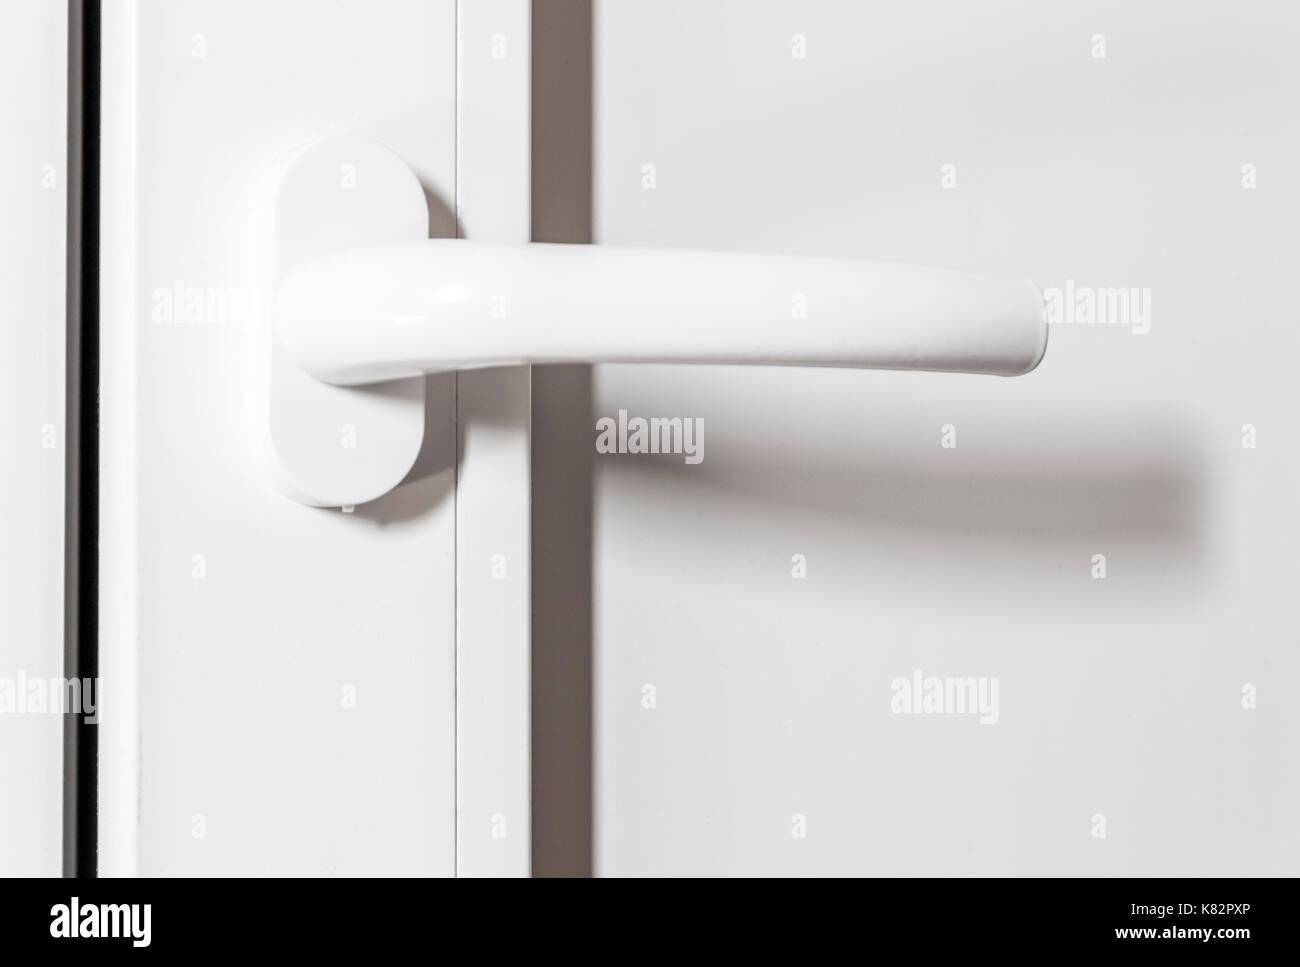 Poignee En Plastique Blanc D Une Porte Blanche Close Up Banque D